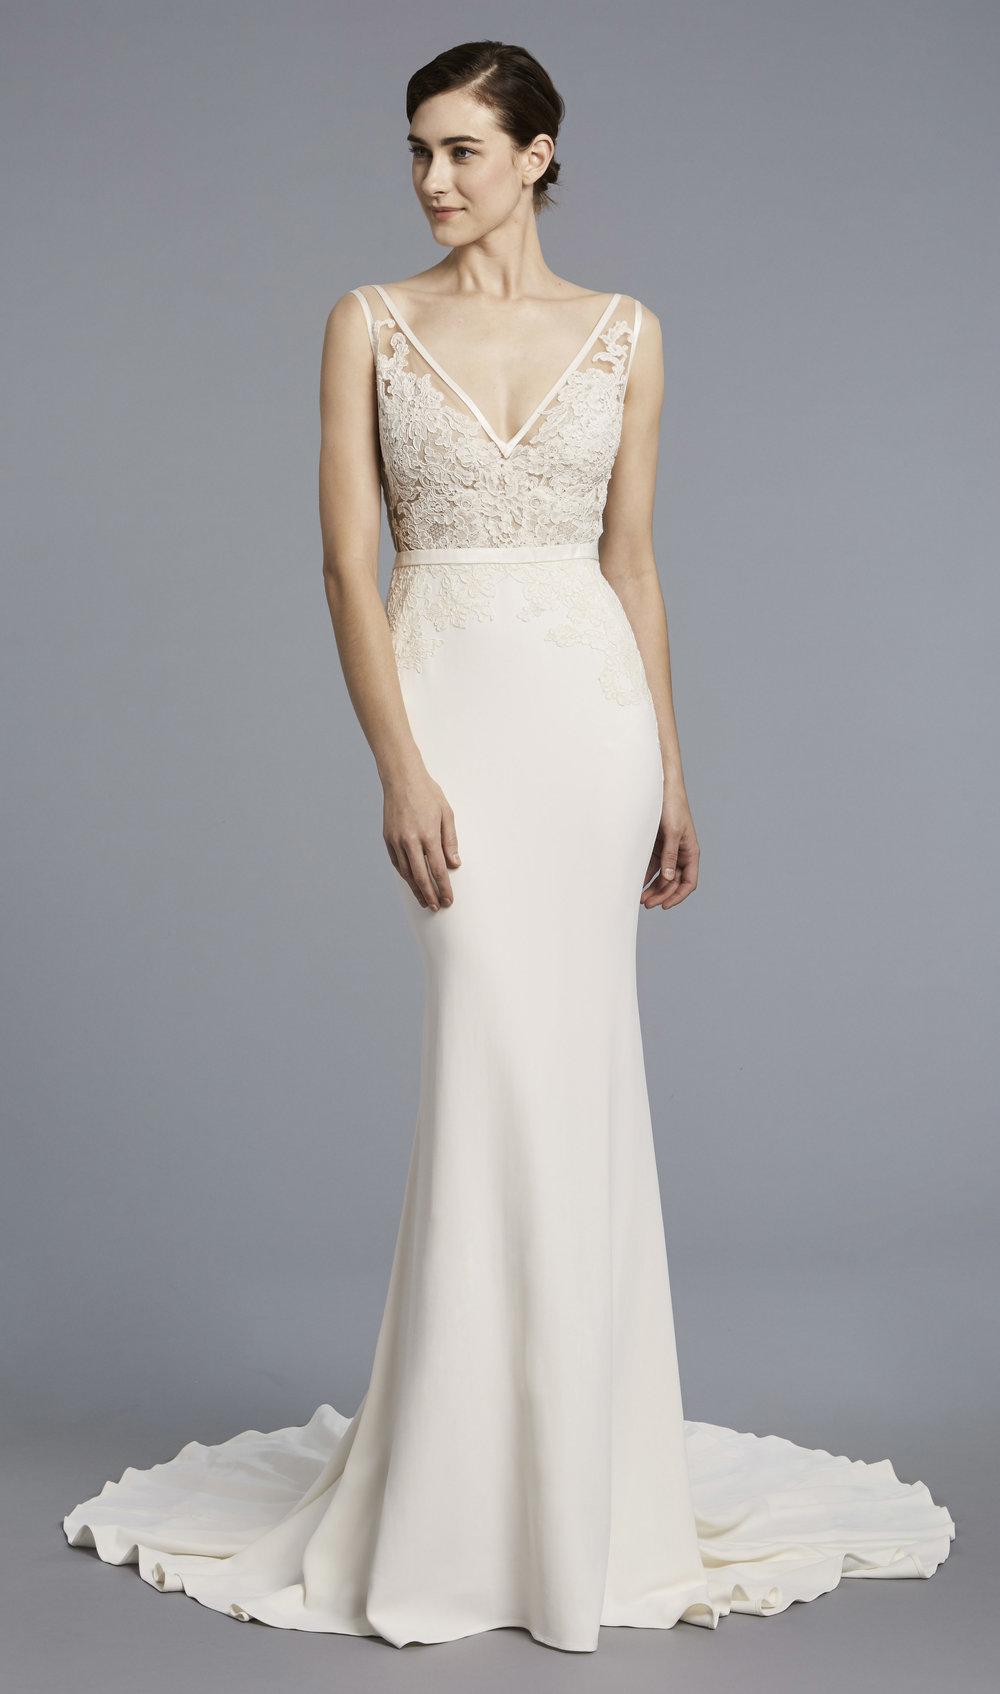 Designed Meet White Dresses Nashville Designer Anne Barge White